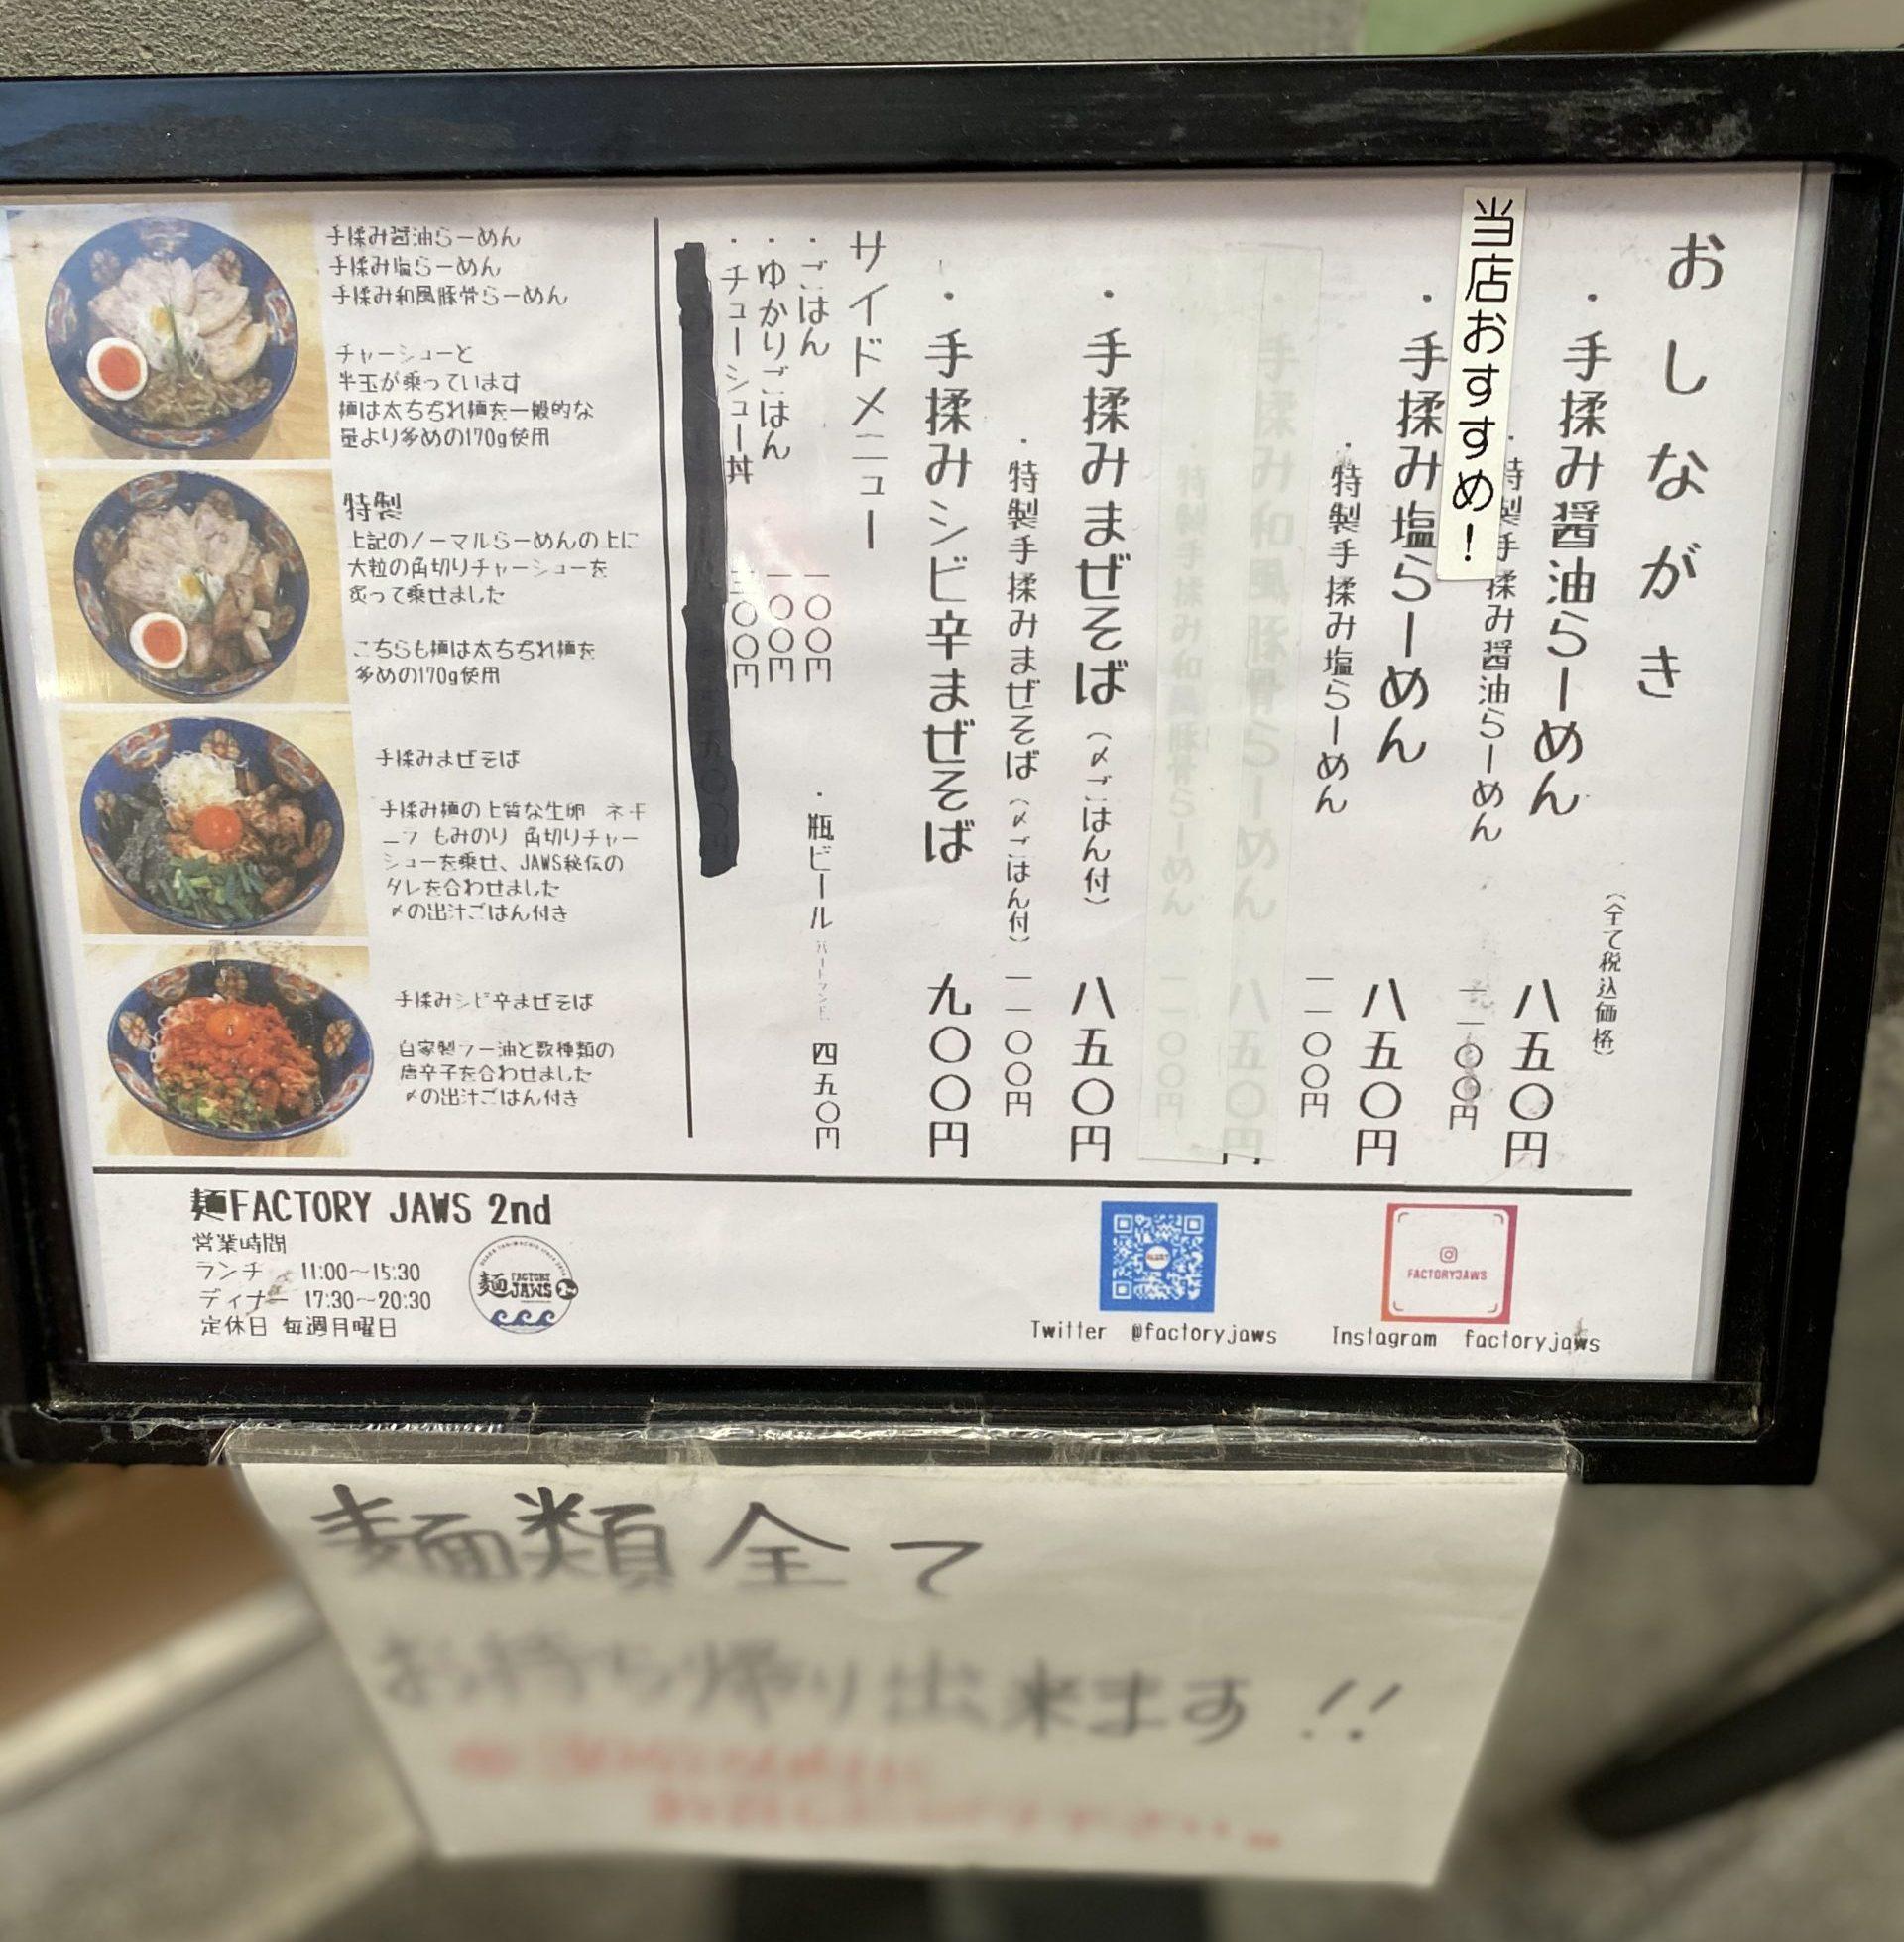 麺ファクトリー ジョーズ セカンド お品書き